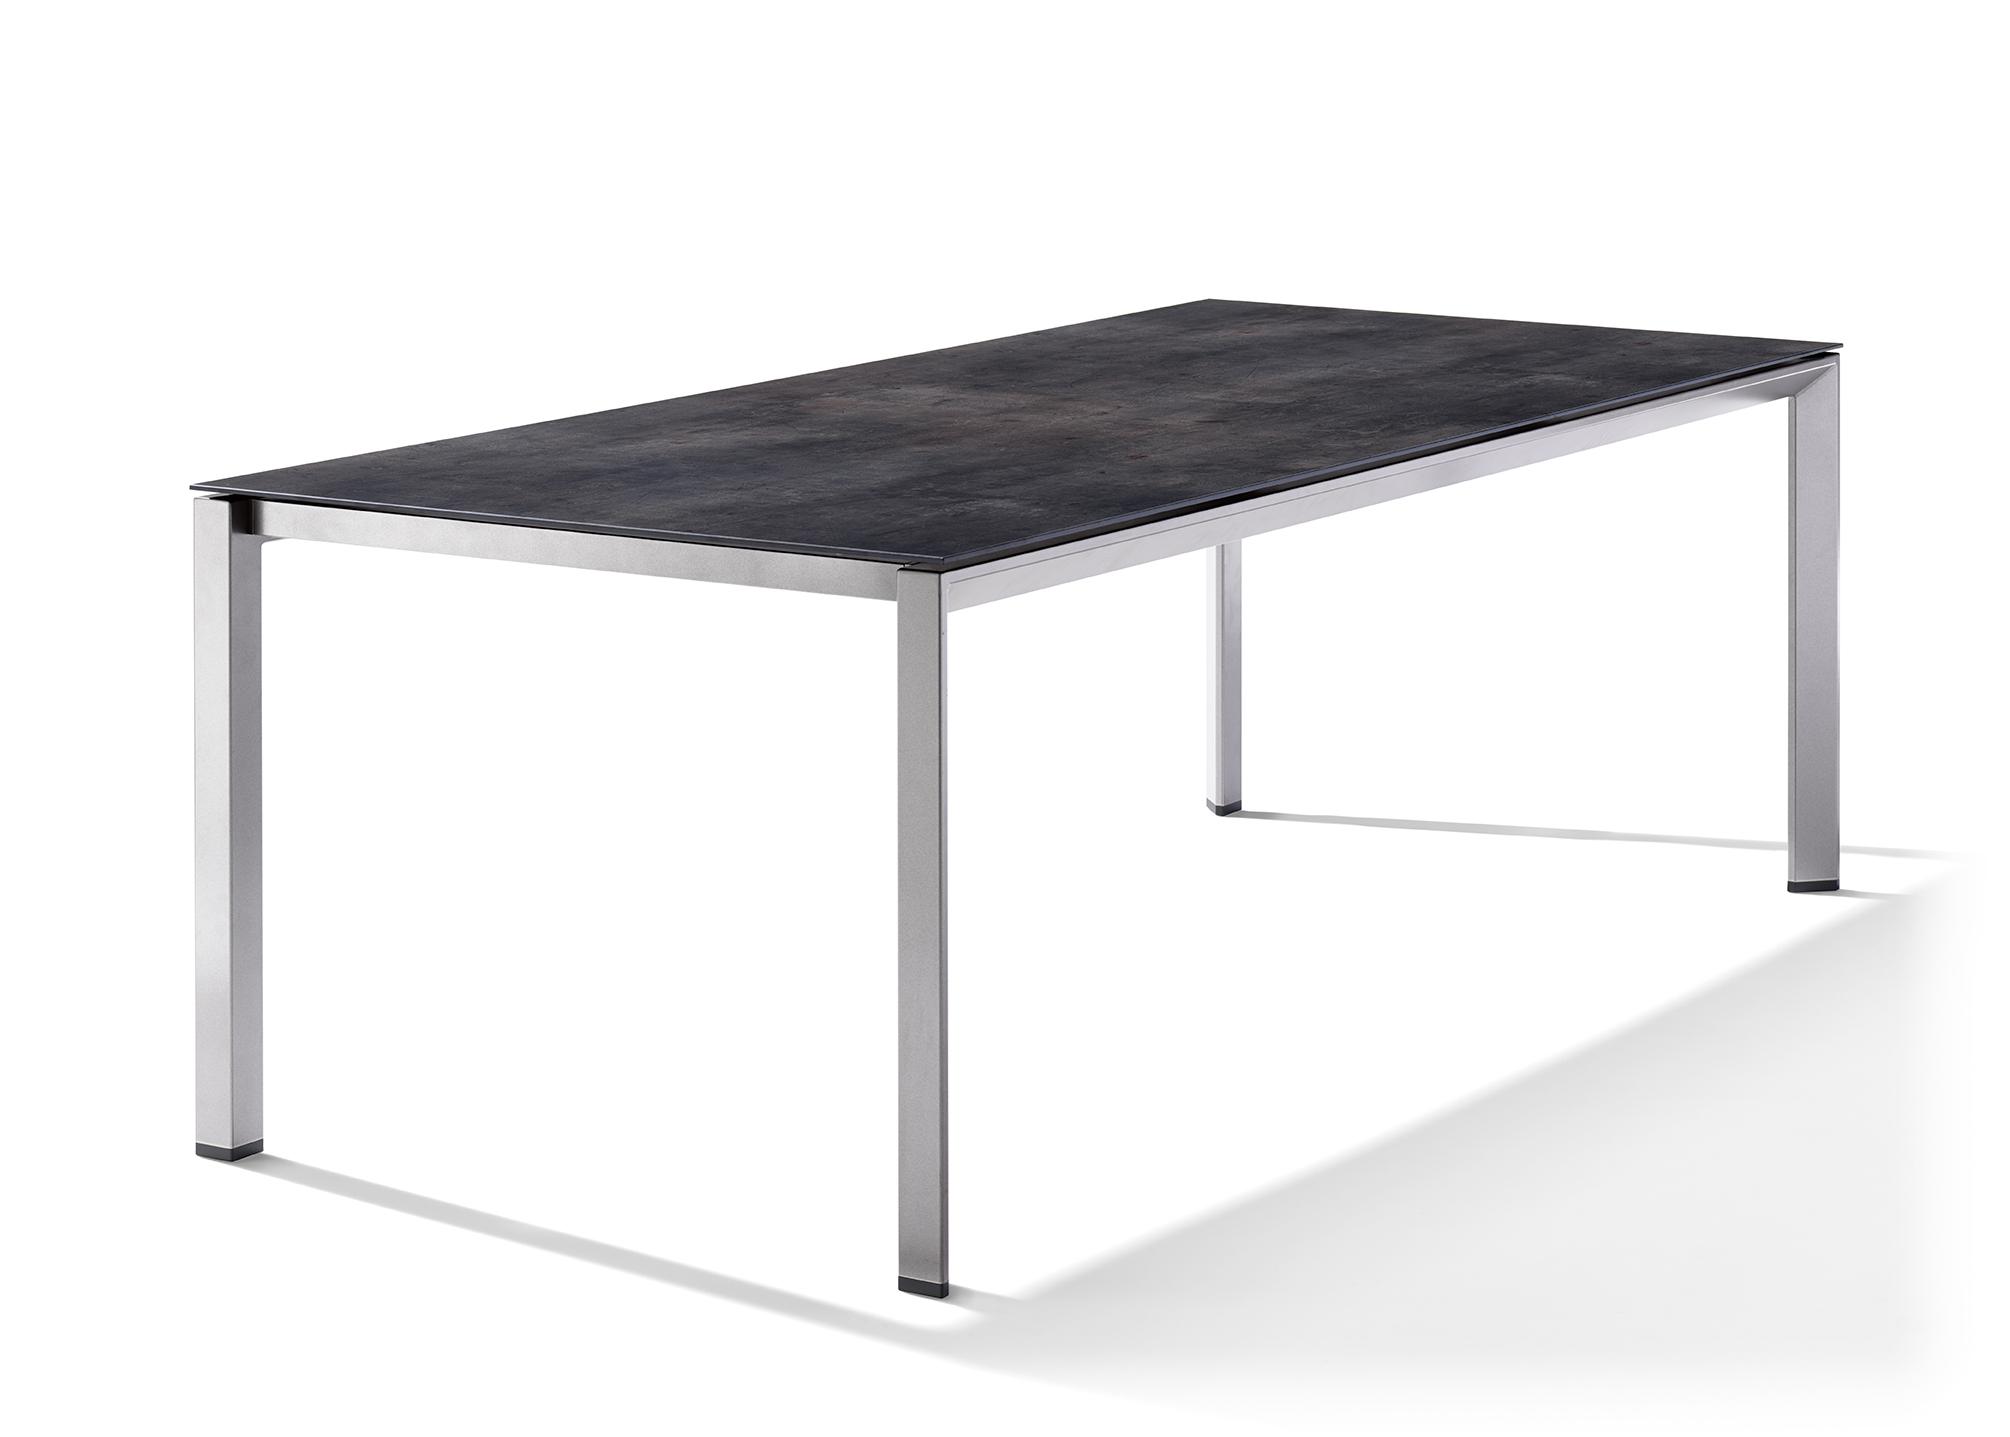 sieger tischfreiheit mit system tisch aluminium. Black Bedroom Furniture Sets. Home Design Ideas